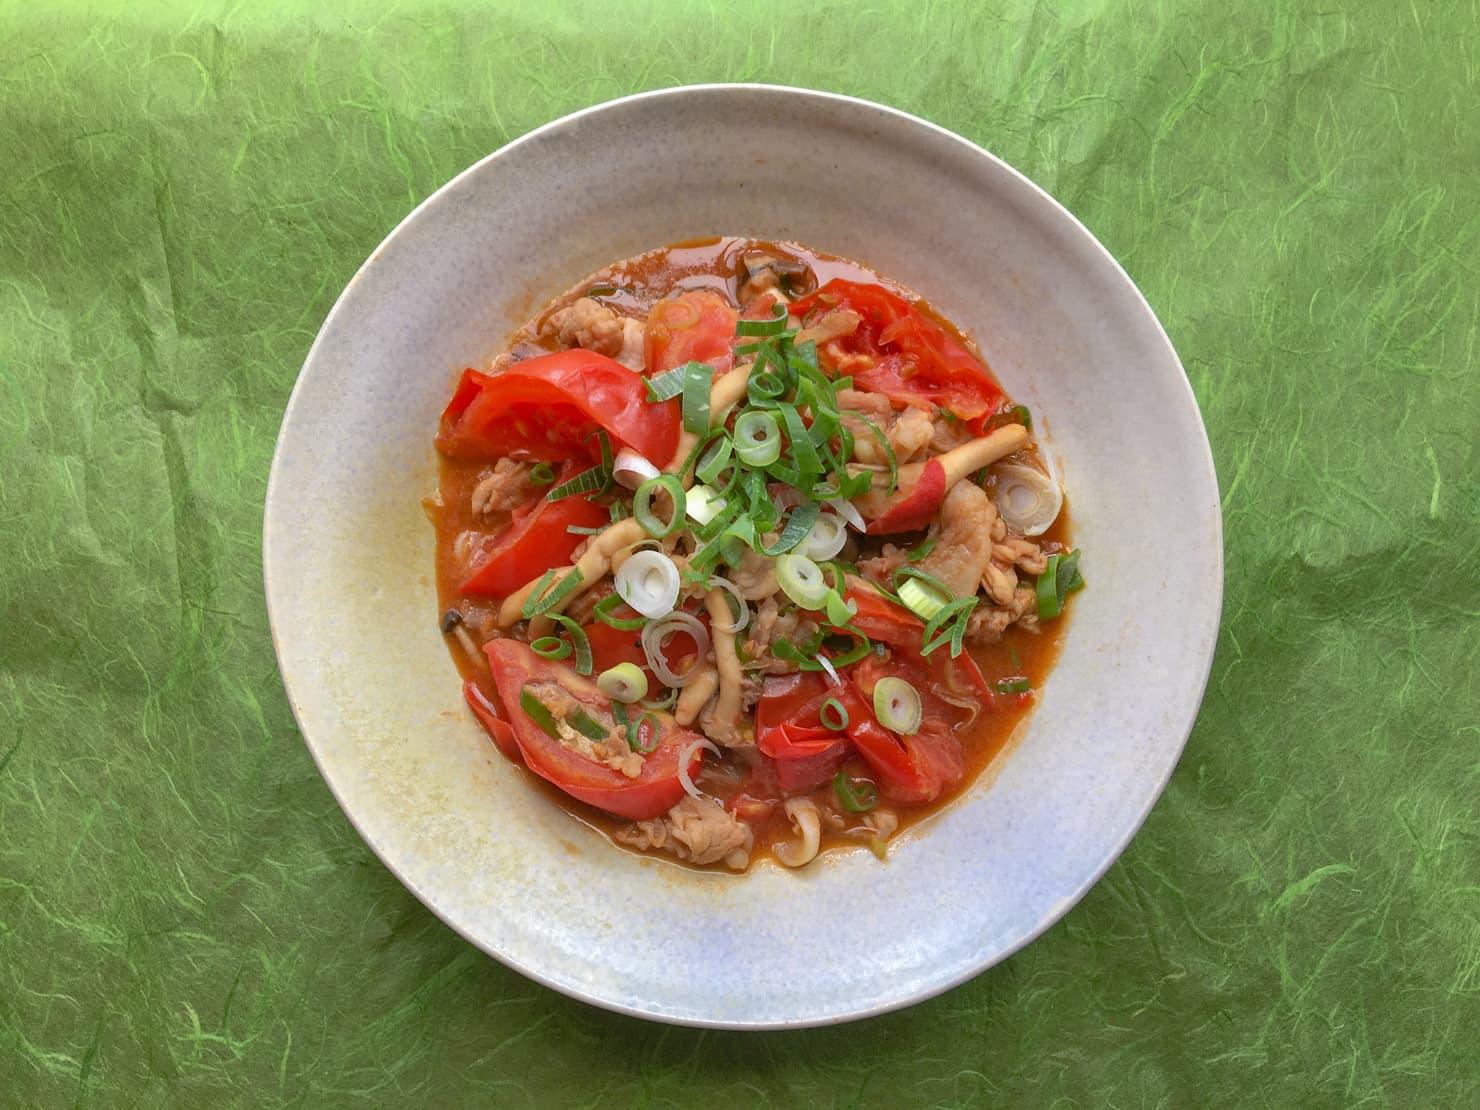 トマトと豚肉のオイスターソース炒めの写真